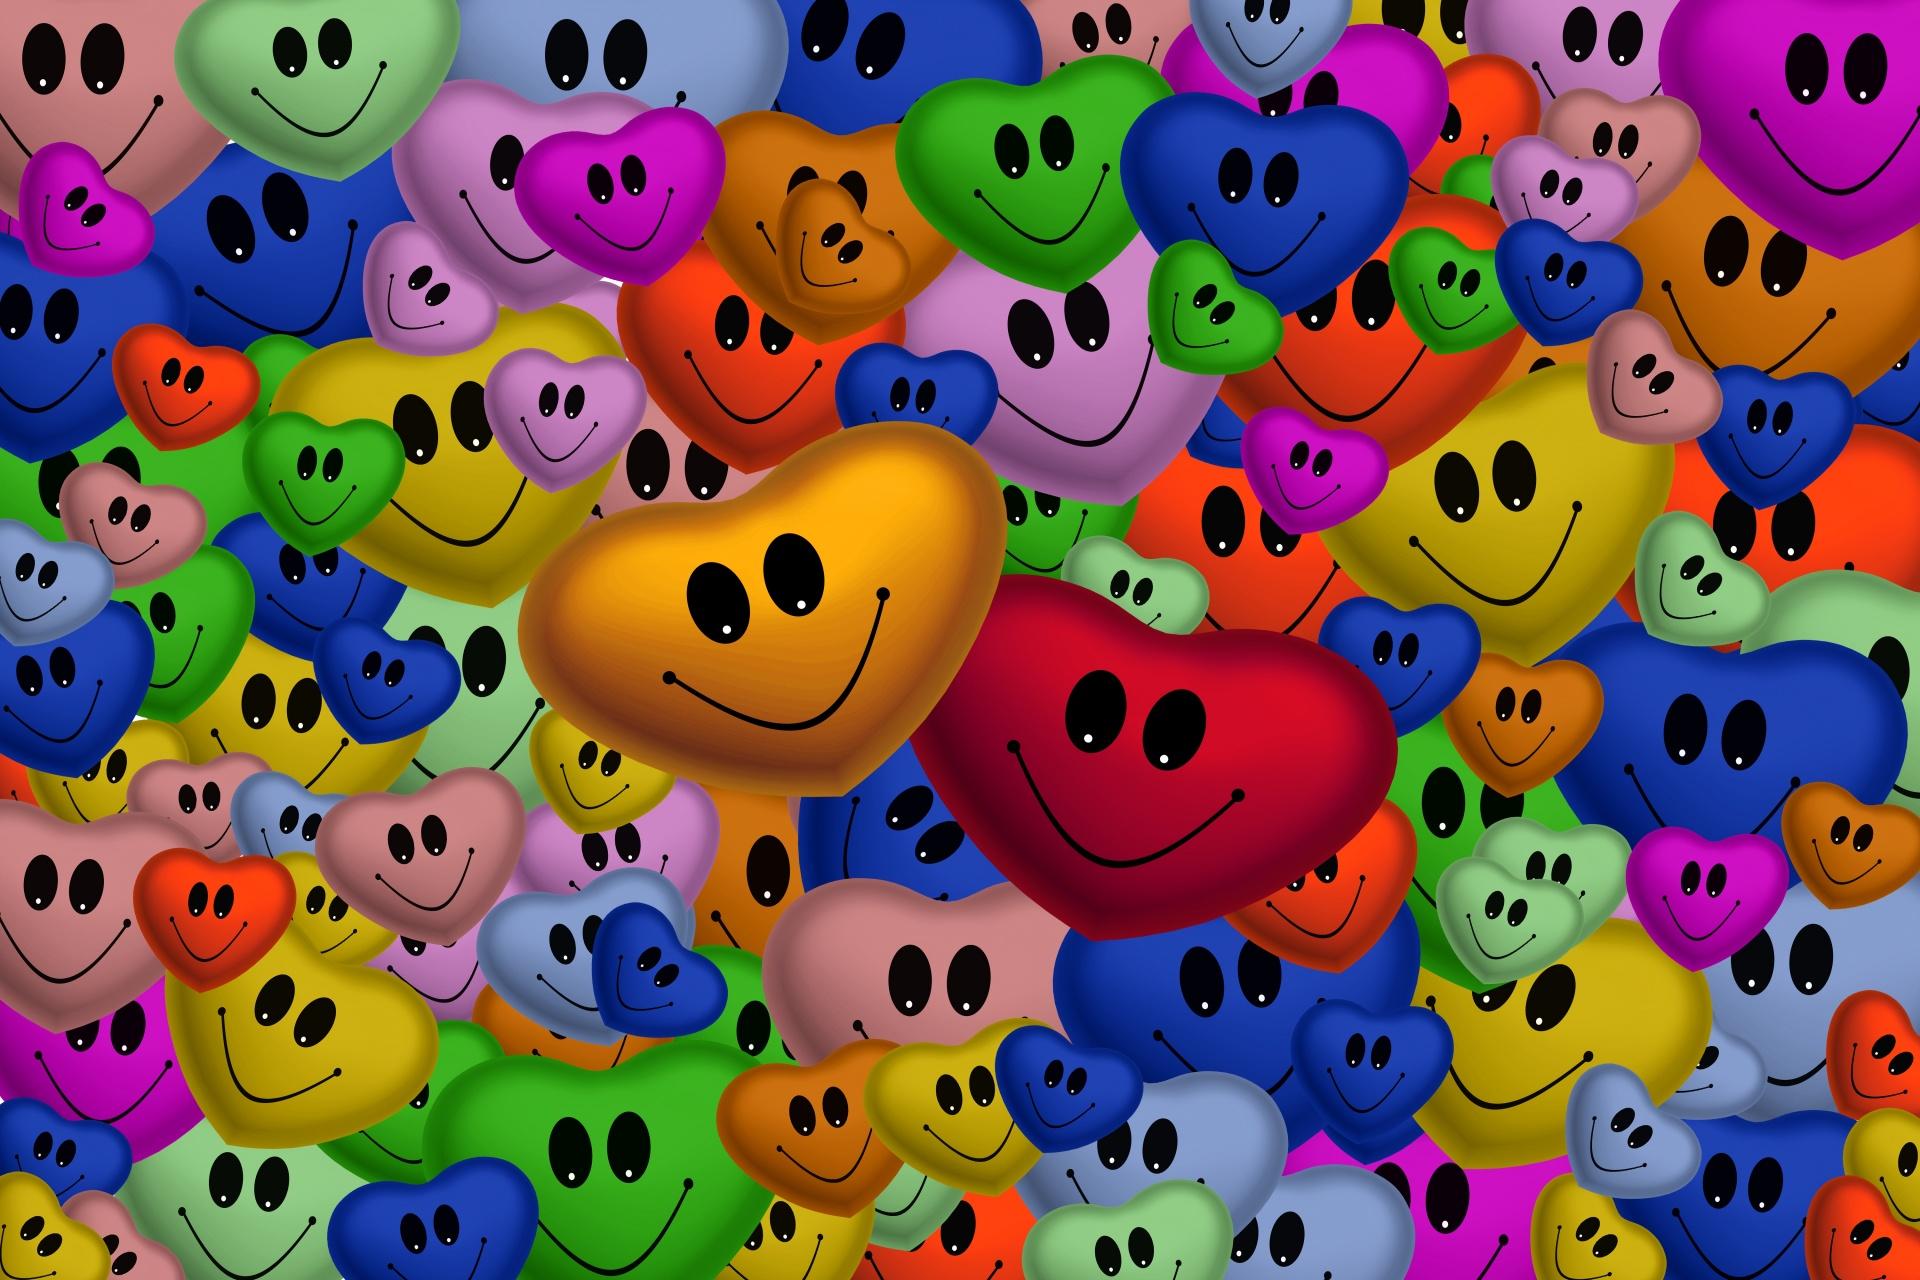 رموز تعبيرية للقلب بألوان مختلفة